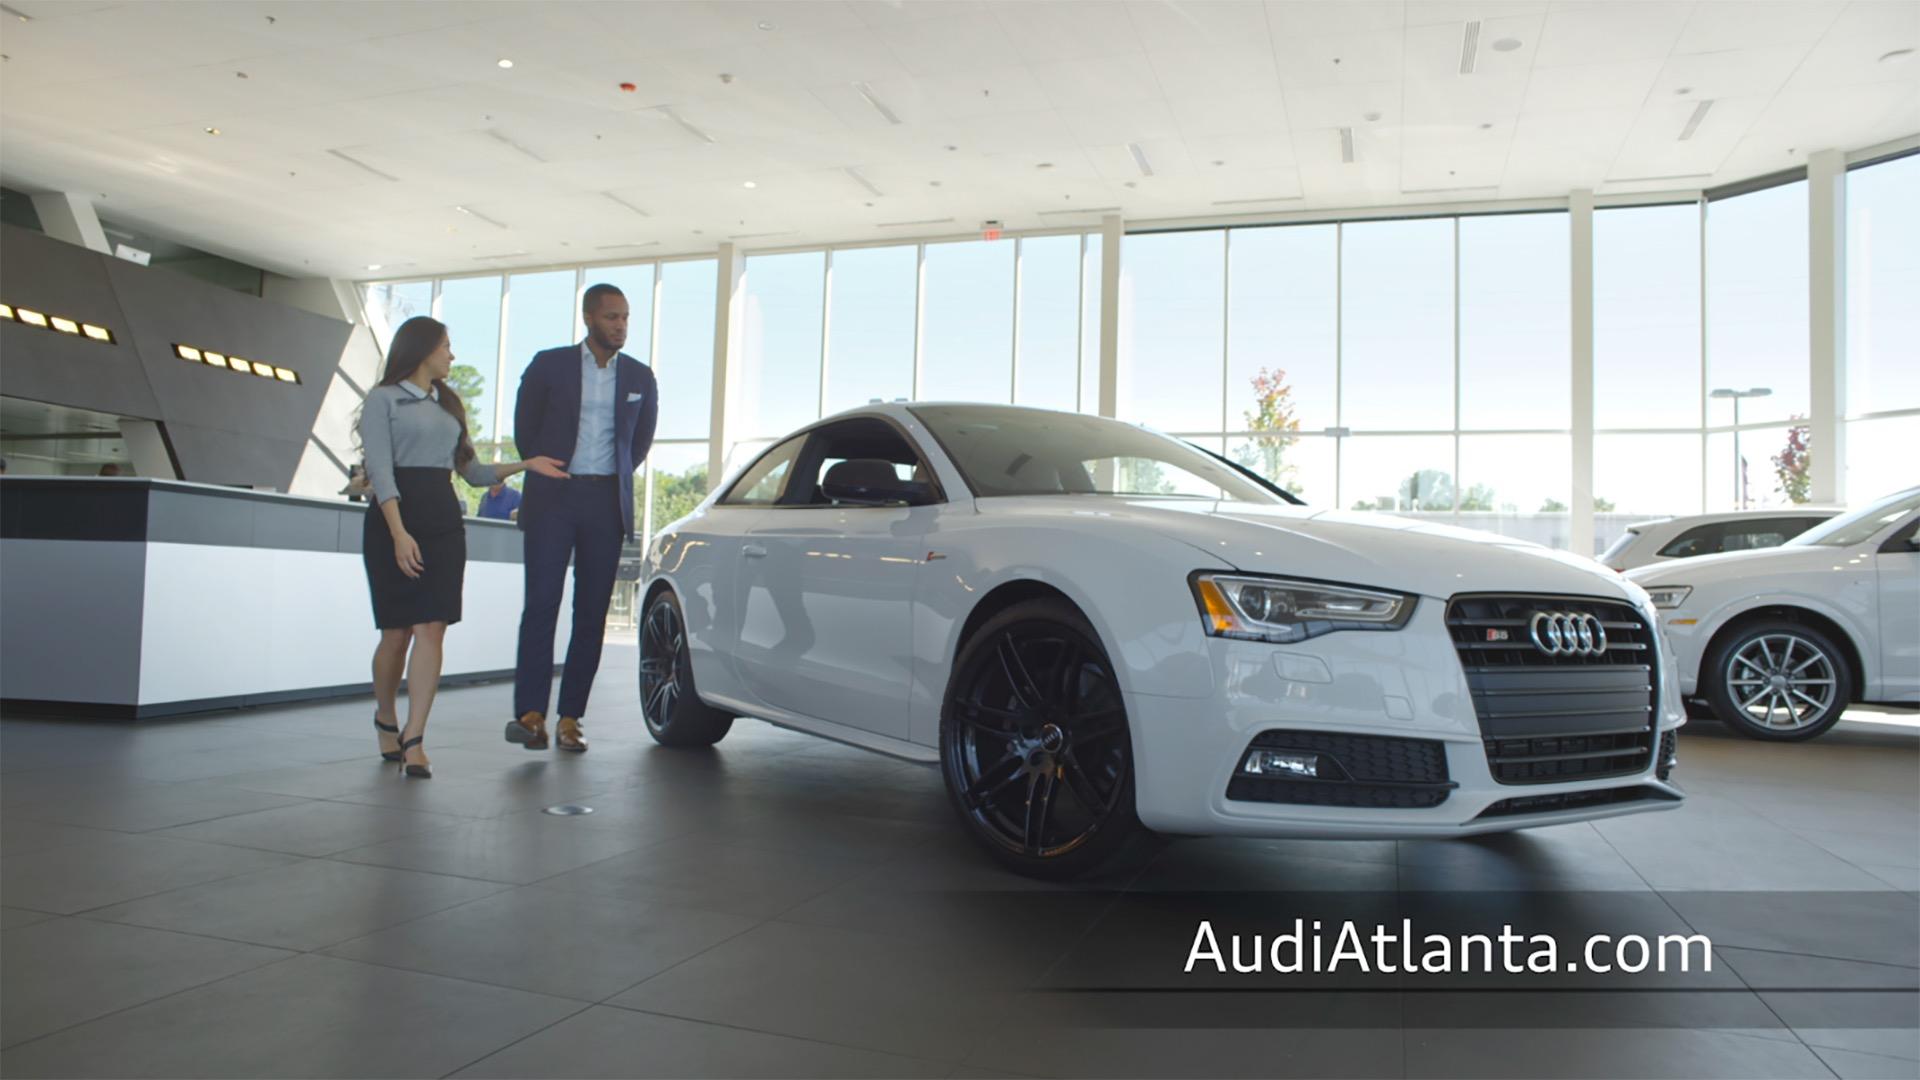 Jim Ellis Audi Of Atlanta - Audi car commercial